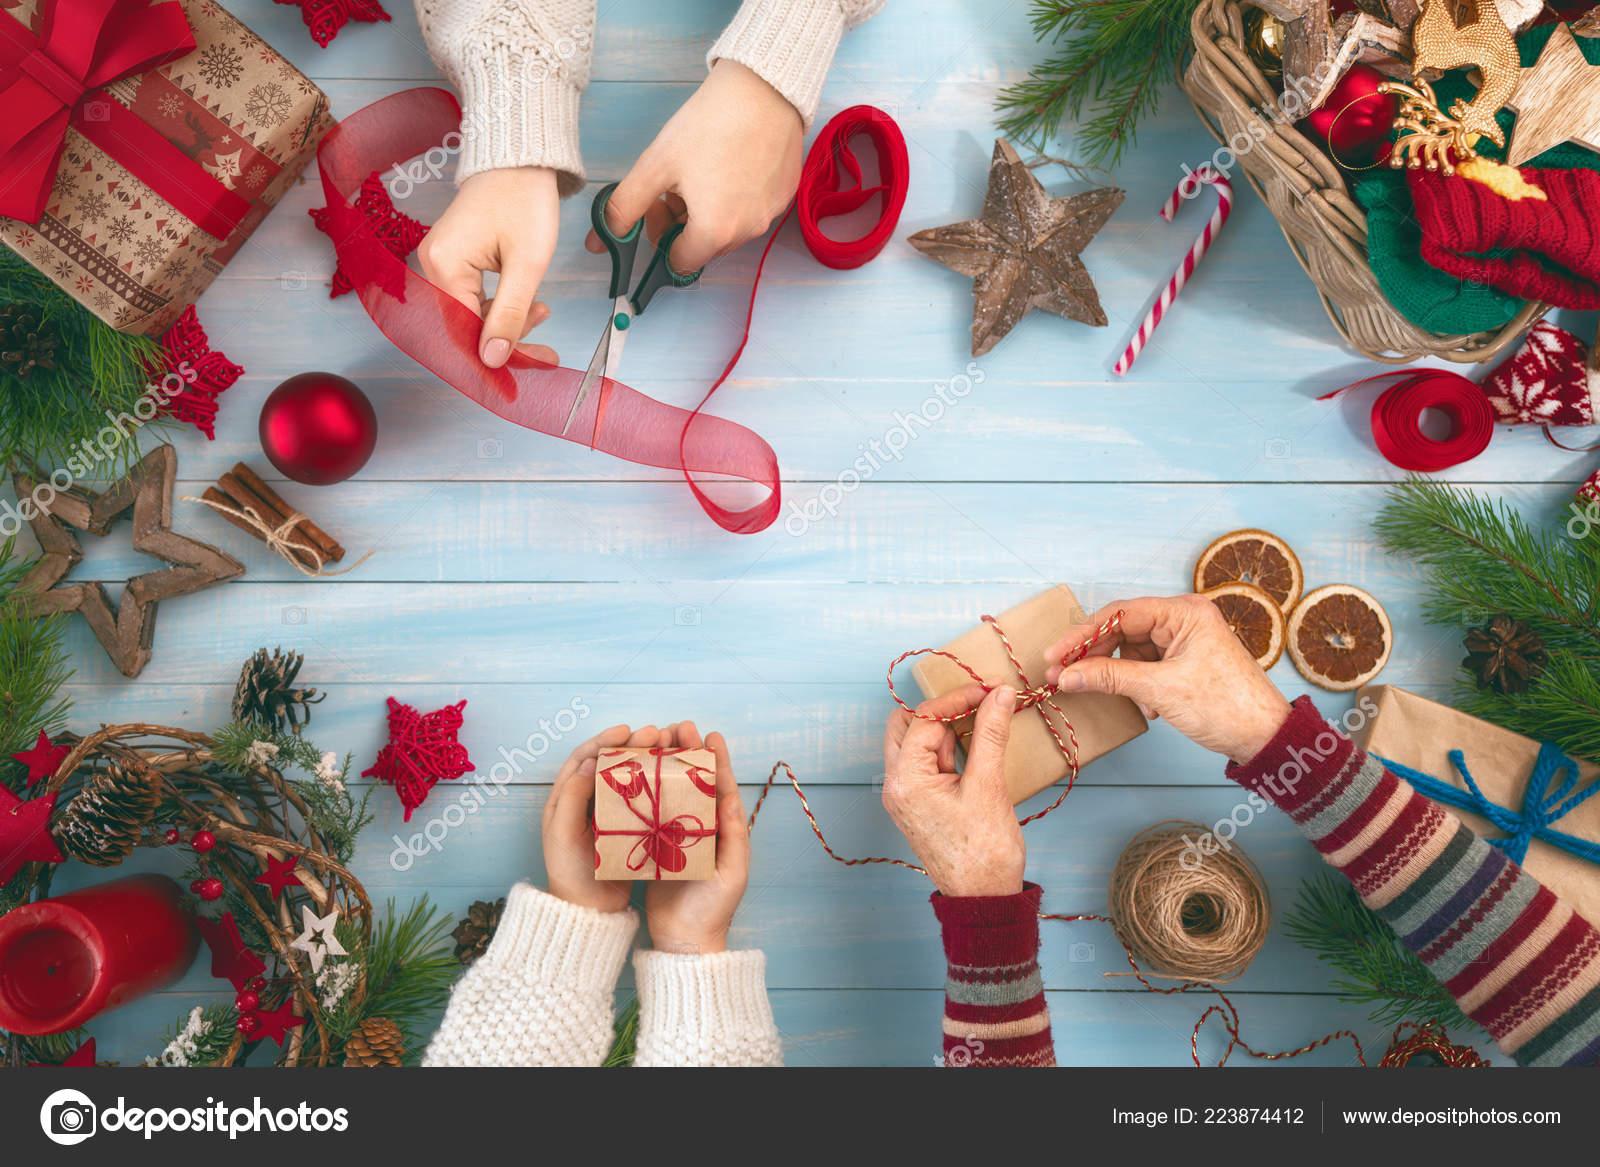 Regali Di Natale Per La Nonna.Buon Natale Buone Feste Nonna Madre Figlia Preparare Regali